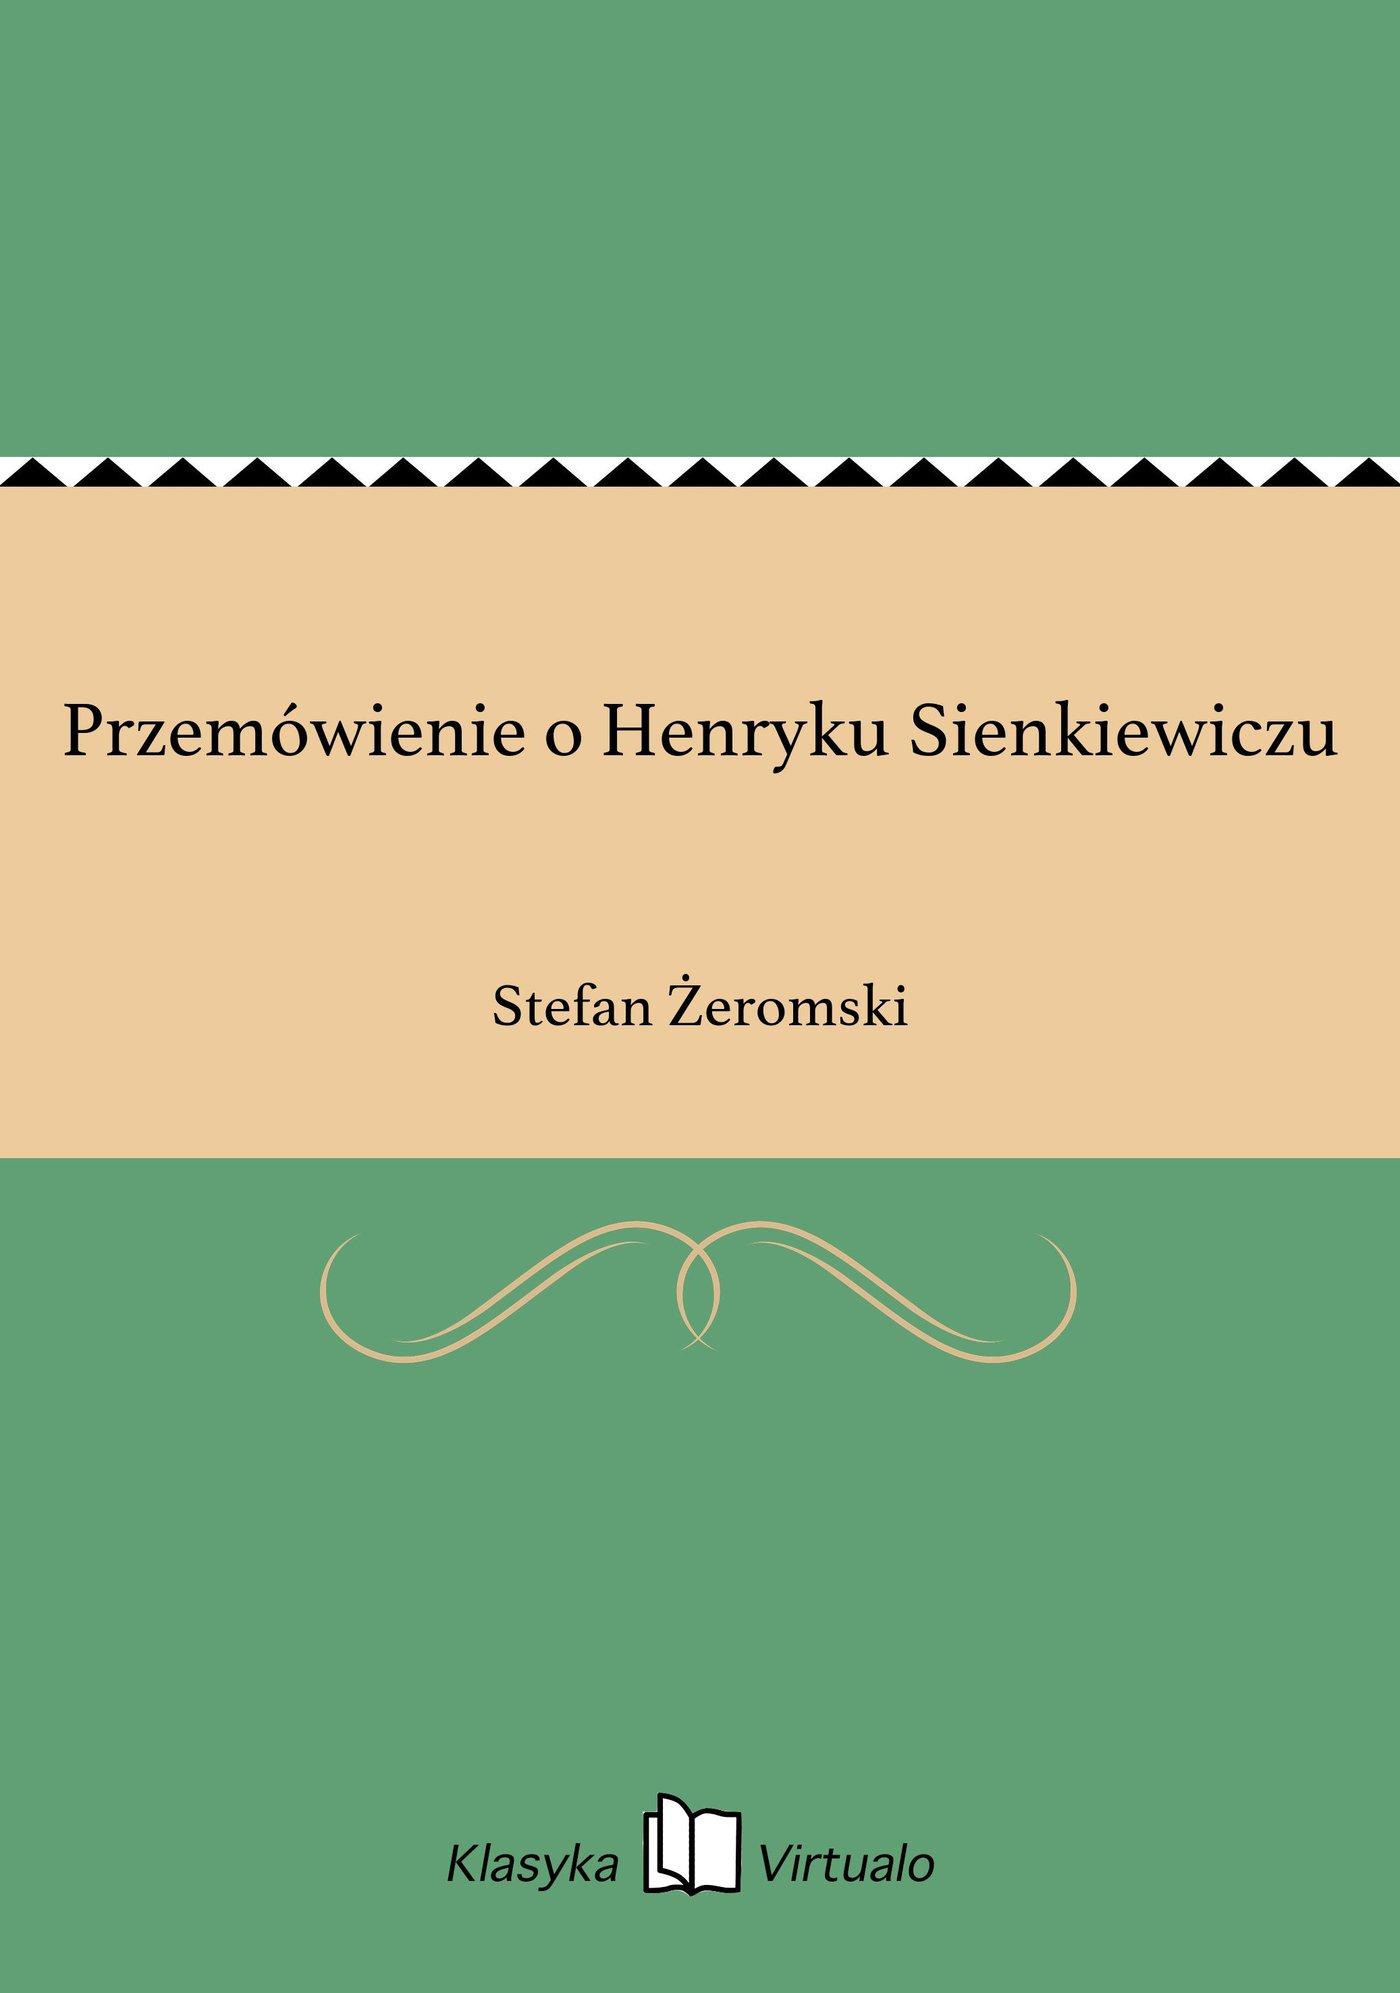 Przemówienie o Henryku Sienkiewiczu - Ebook (Książka na Kindle) do pobrania w formacie MOBI